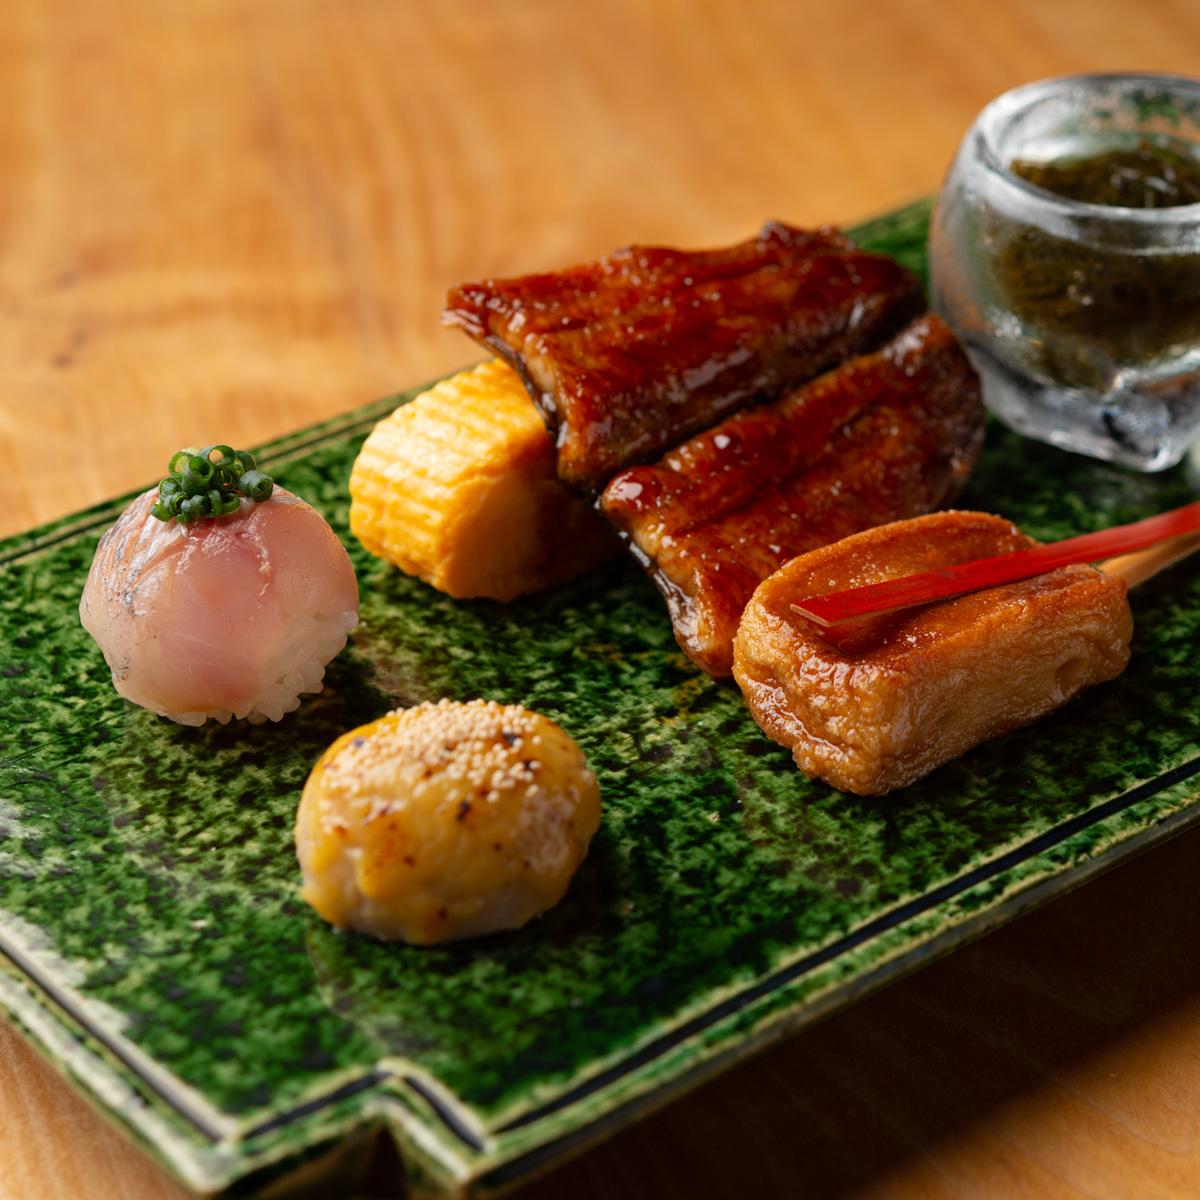 八寸|鰻の蒲焼き、岩もずくの三杯酢、出し巻き玉子、あわ麩の照り焼き、小芋の味噌焼き、鯵の手まり寿司